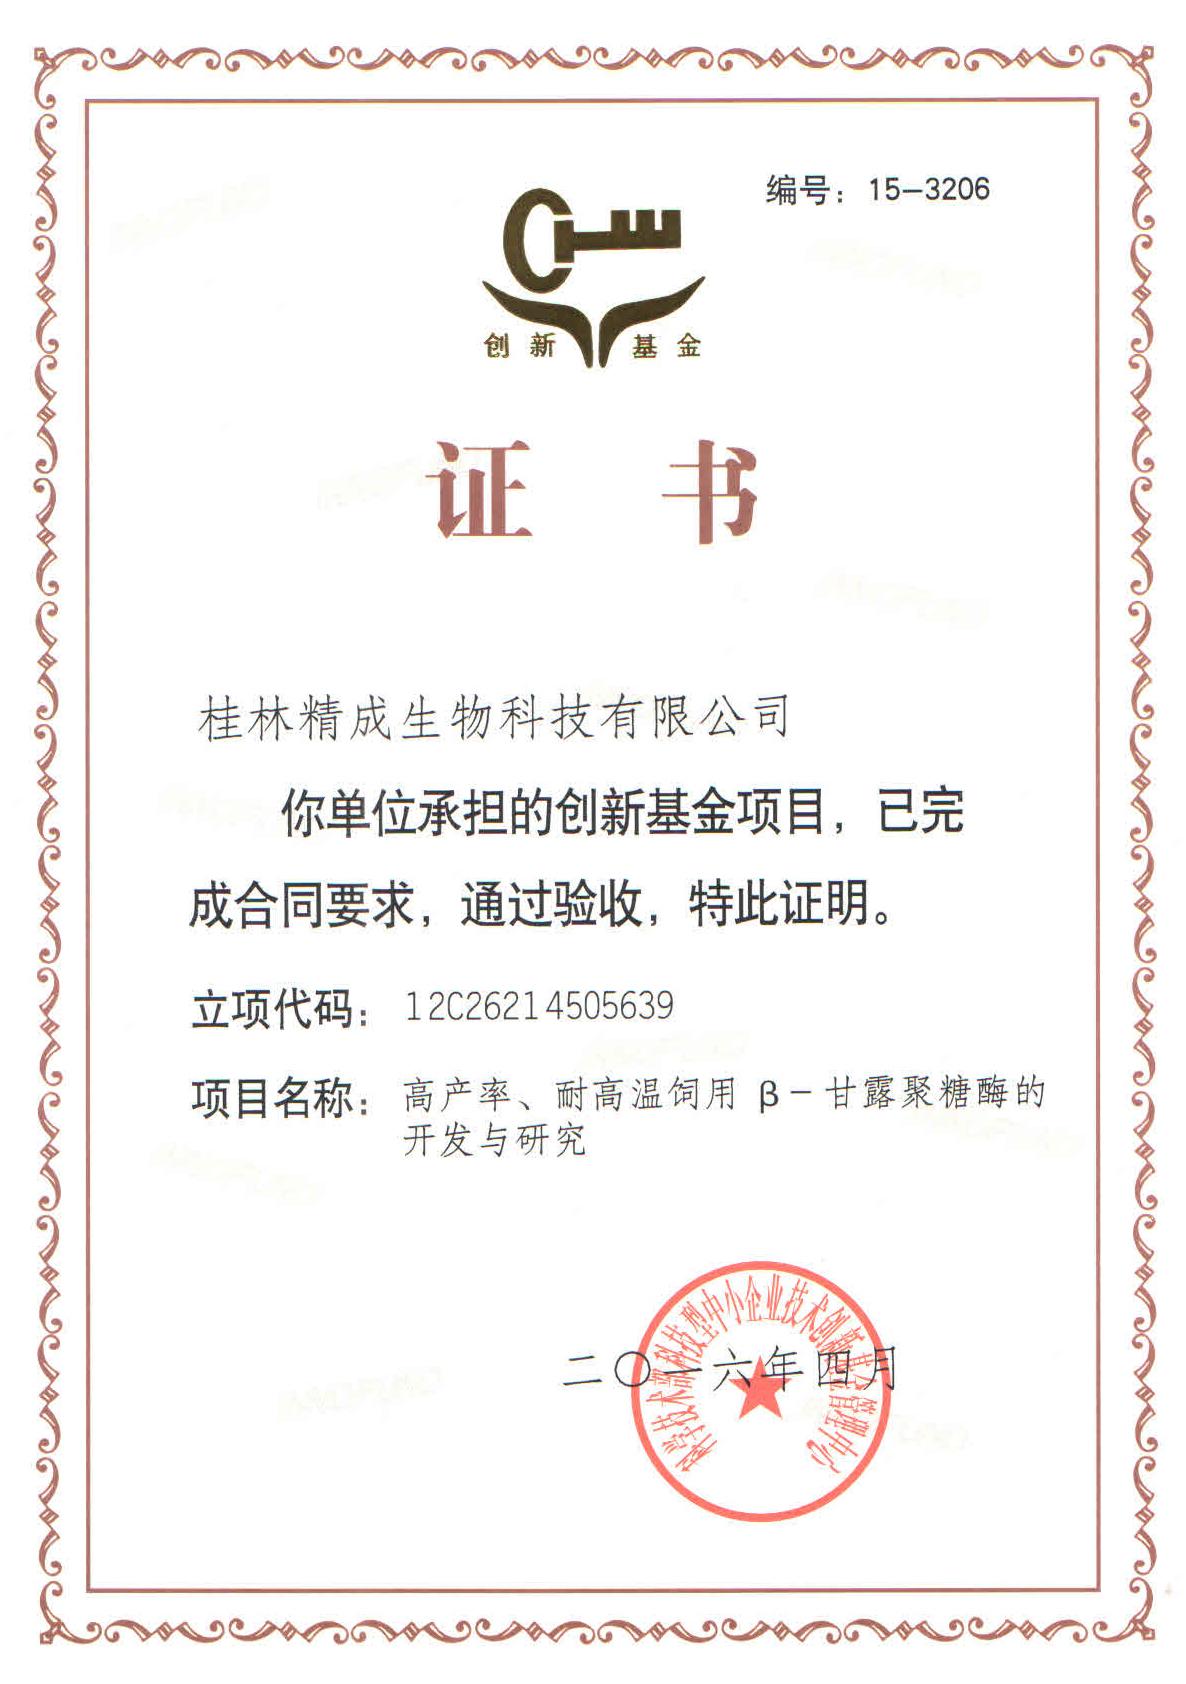 精成生物 立项证书